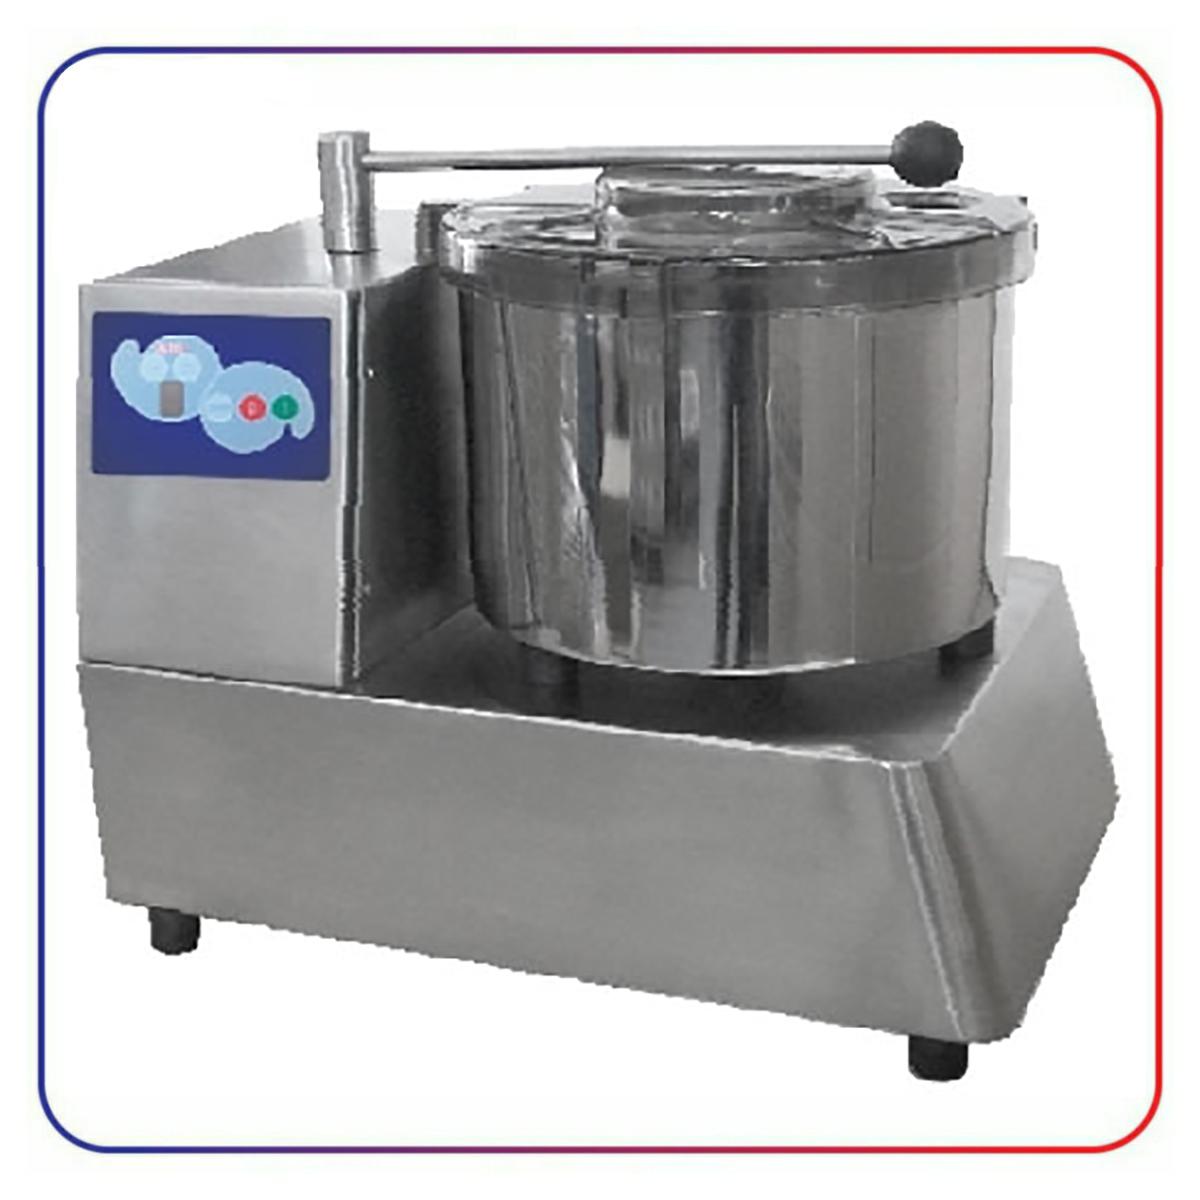 غذاساز 8 لیتری مینروا MINERVA MINI